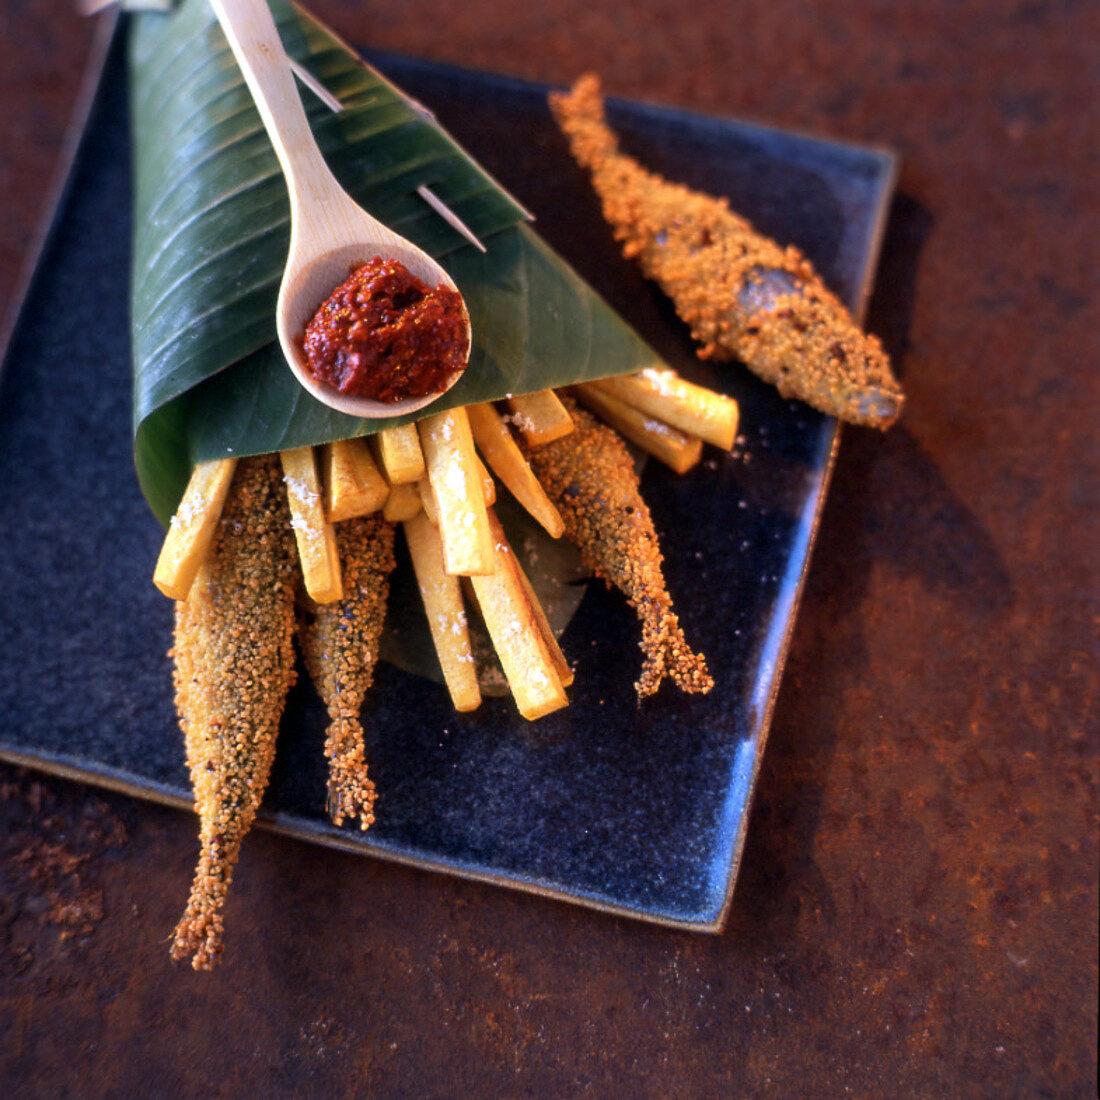 Sesame sardines, banana fries